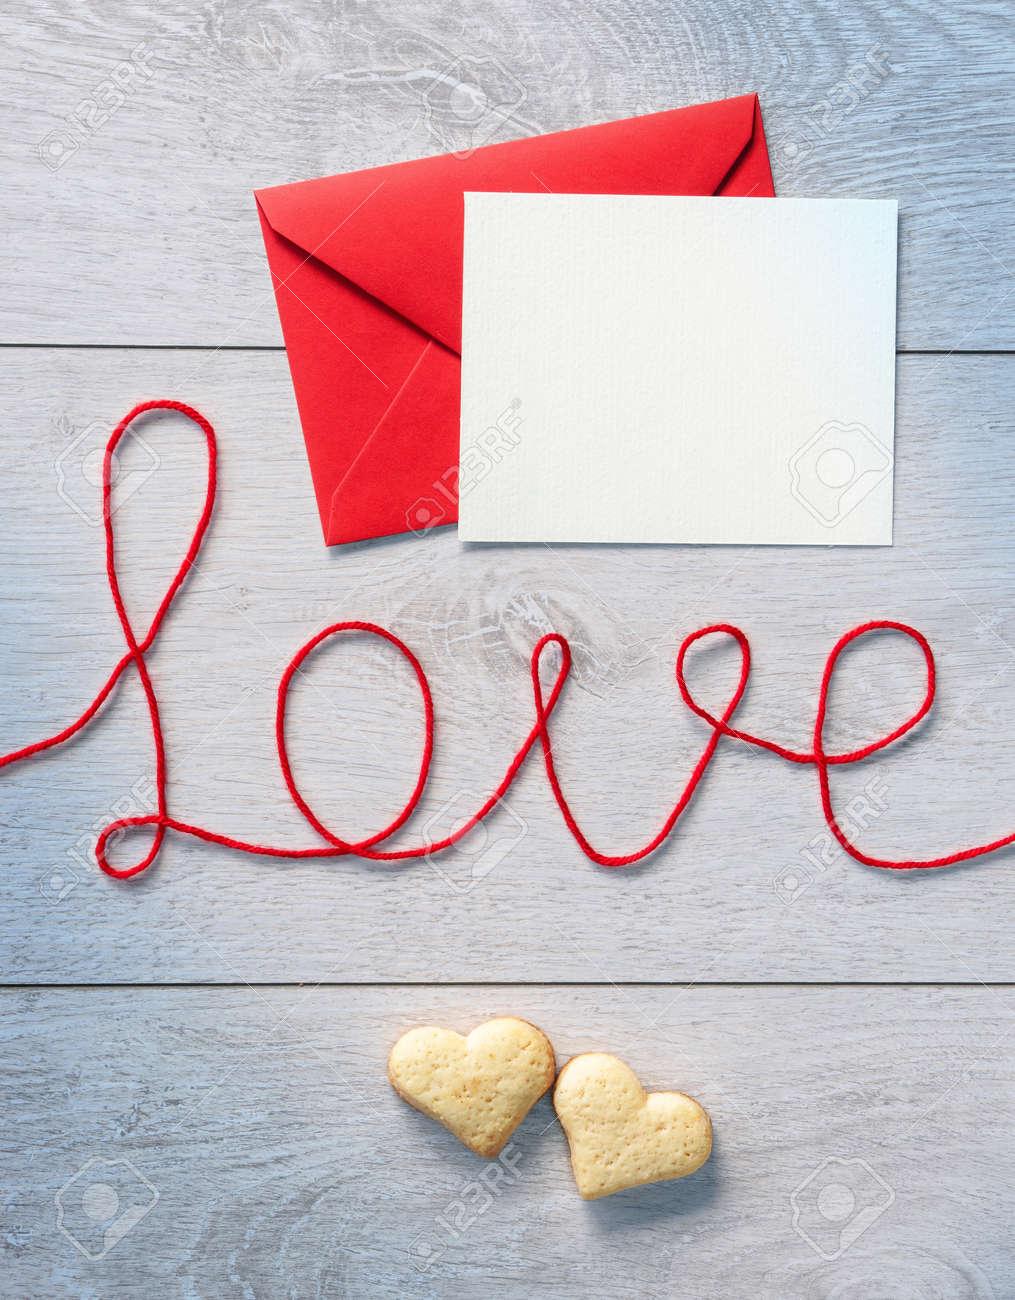 Wort Liebe Roter Umschlag Mit Buchstaben Und Cookies Auf